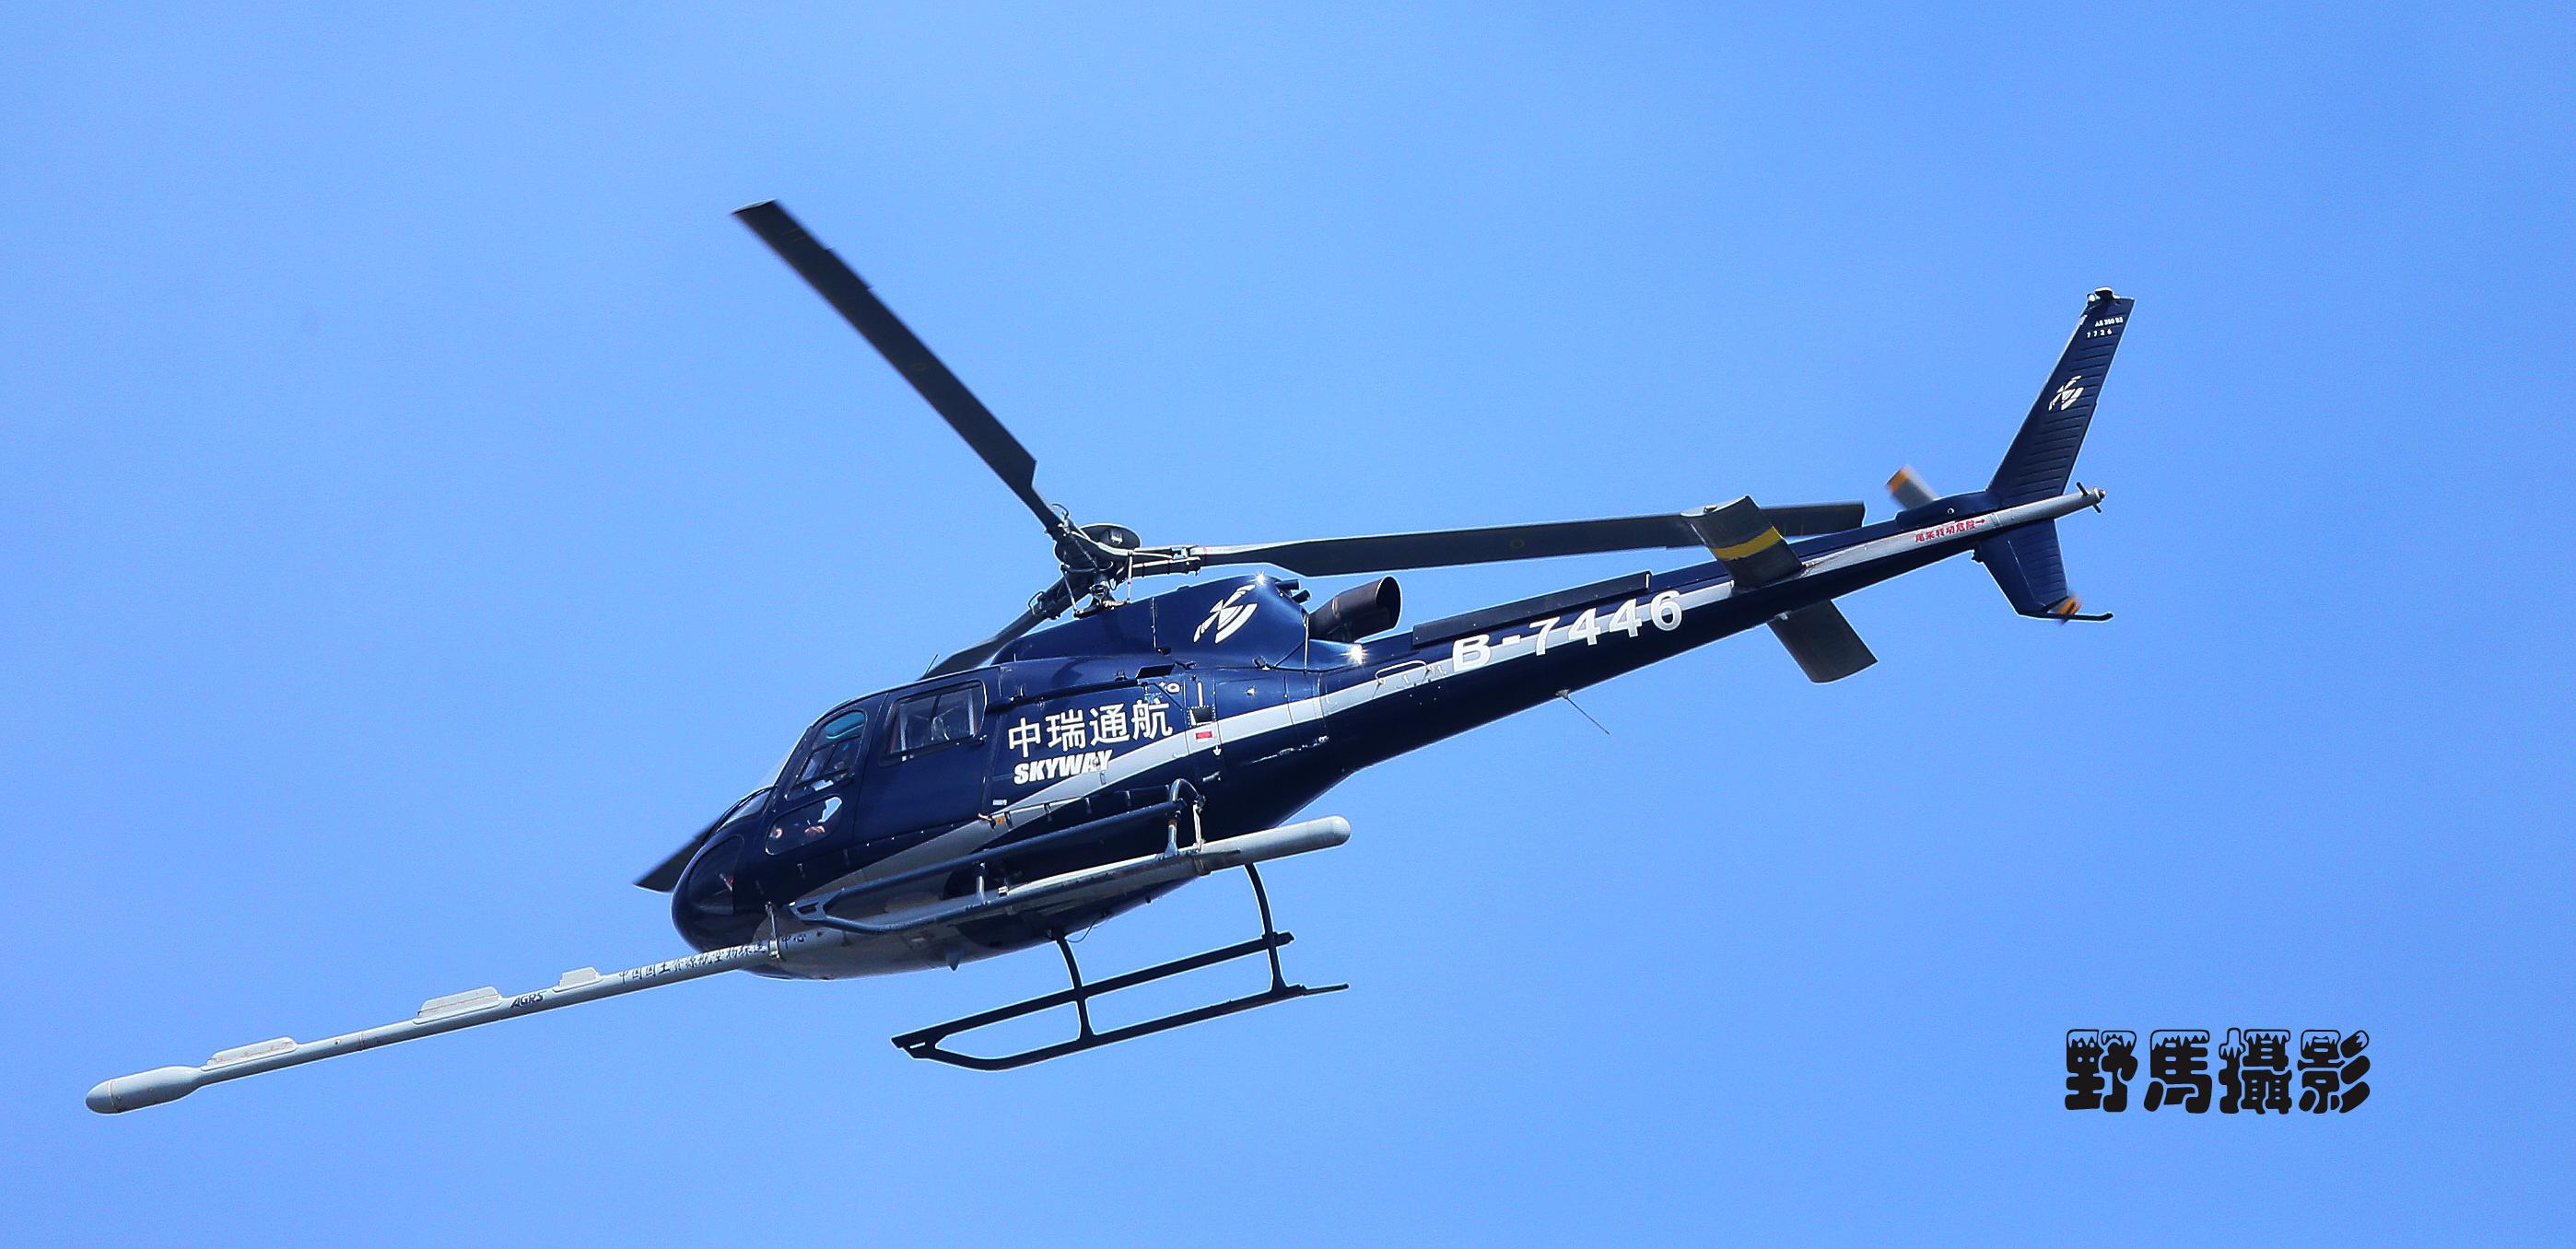 武当云-昨天拍到客机,今天拍到直升机-拍客-爱十堰